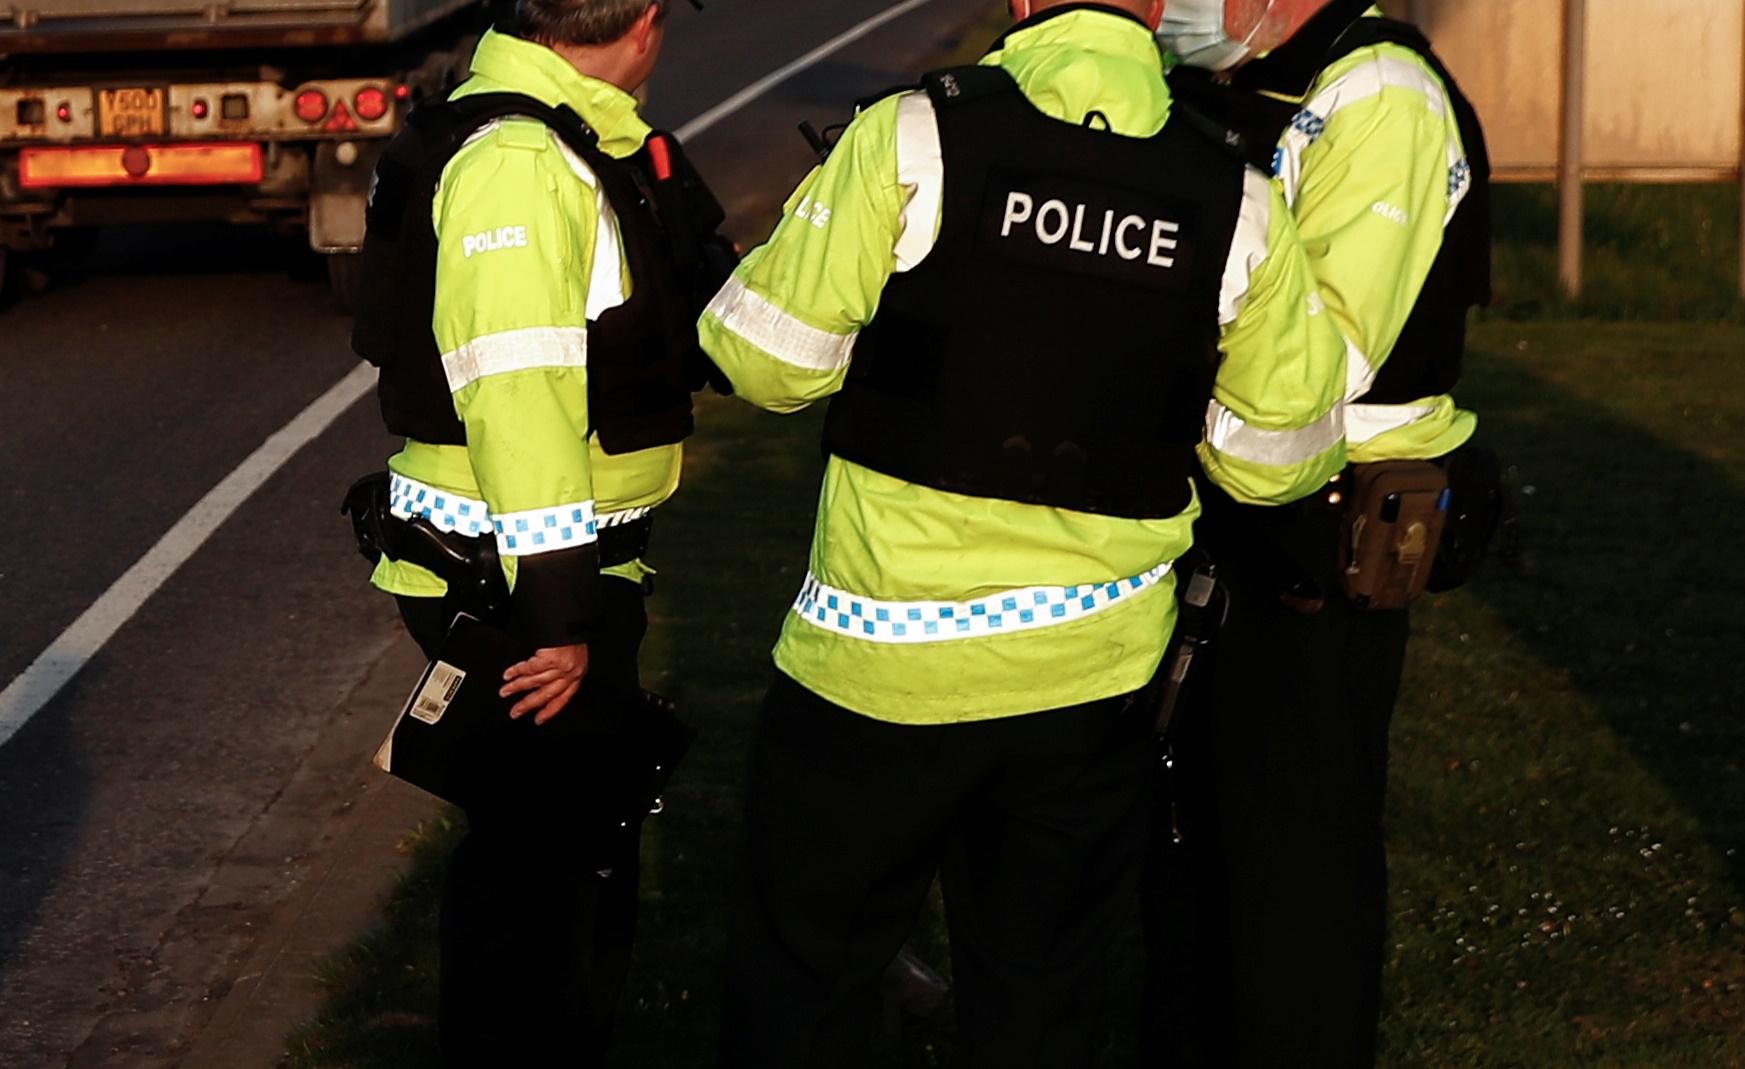 Δύο τραυματίες από πυροβολισμούς κοντά σε κολέγιο της Βρετανίας